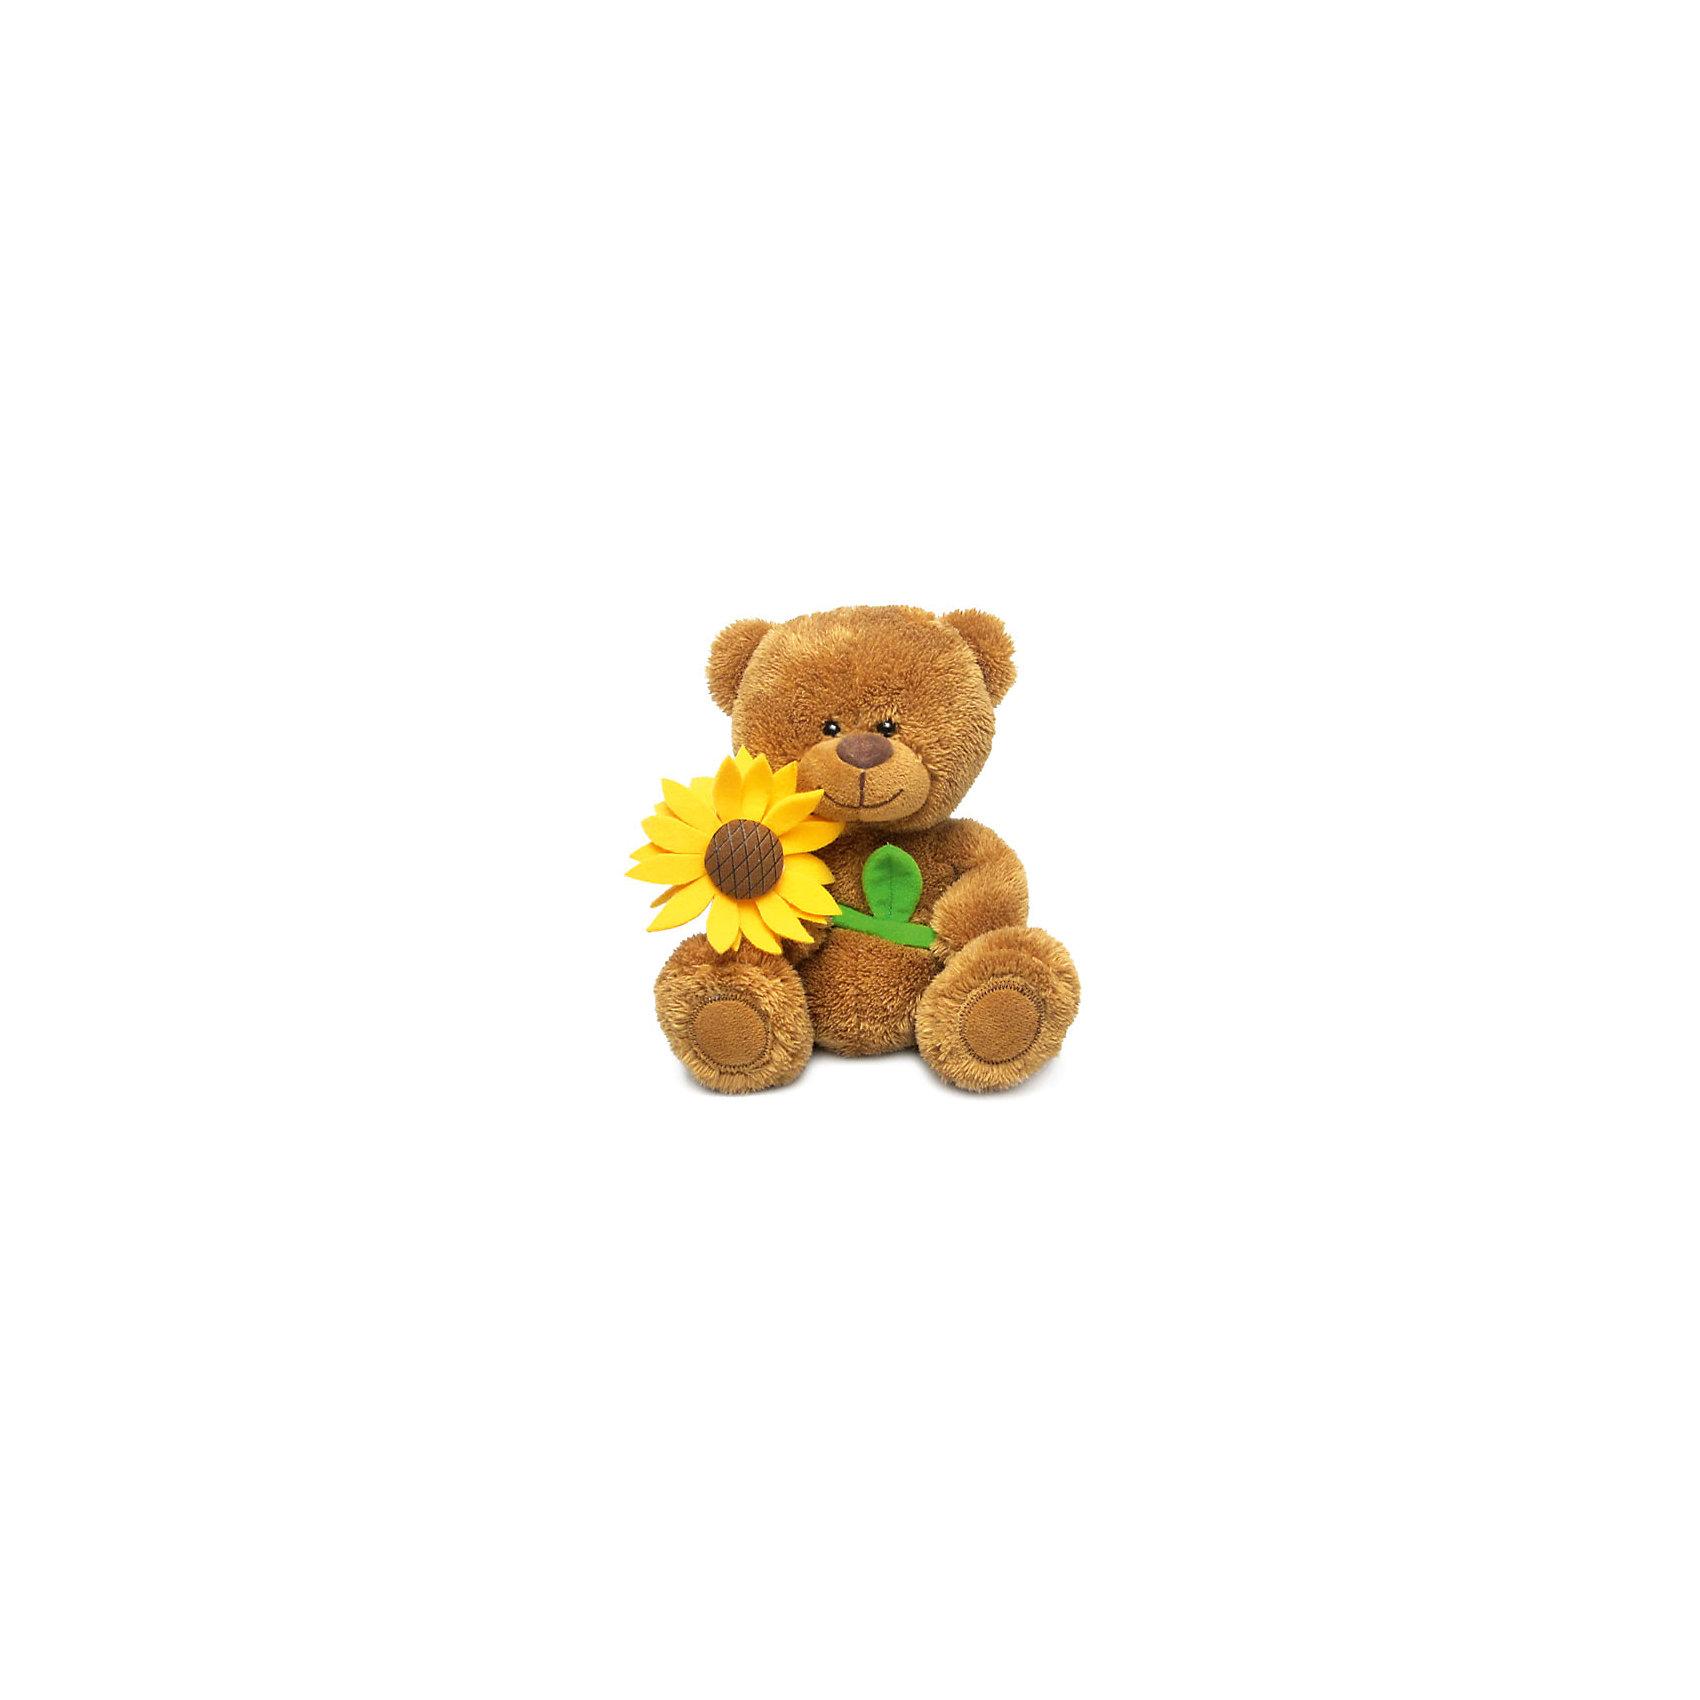 Медвежонок Сэмми с подсолнухом, музыкальный, LAVAМедвежата<br>Очаровательный мишка Сэмми не оставит равнодушным ни одного ребенка! Милый медведь очень мягкий и приятный на ощупь, он умеет петь песенку и обязательно поднимет настроение малышам! Мишка изготовлен из высококачественных экологичных материалов. <br><br>Дополнительная информация:<br><br>- Материал: искусственный мех, текстиль, синтепон, пластик.<br>- Высота: 18 см. <br>- Поет песенку <br>- Элемент питания: батарейка (в комплекте).<br><br>Медвежонка Сэмми с подсолнухом, музыкального, LAVA (ЛАВА) можно купить в нашем магазине.<br><br>Ширина мм: 150<br>Глубина мм: 150<br>Высота мм: 175<br>Вес г: 125<br>Возраст от месяцев: 36<br>Возраст до месяцев: 1188<br>Пол: Унисекс<br>Возраст: Детский<br>SKU: 4444180